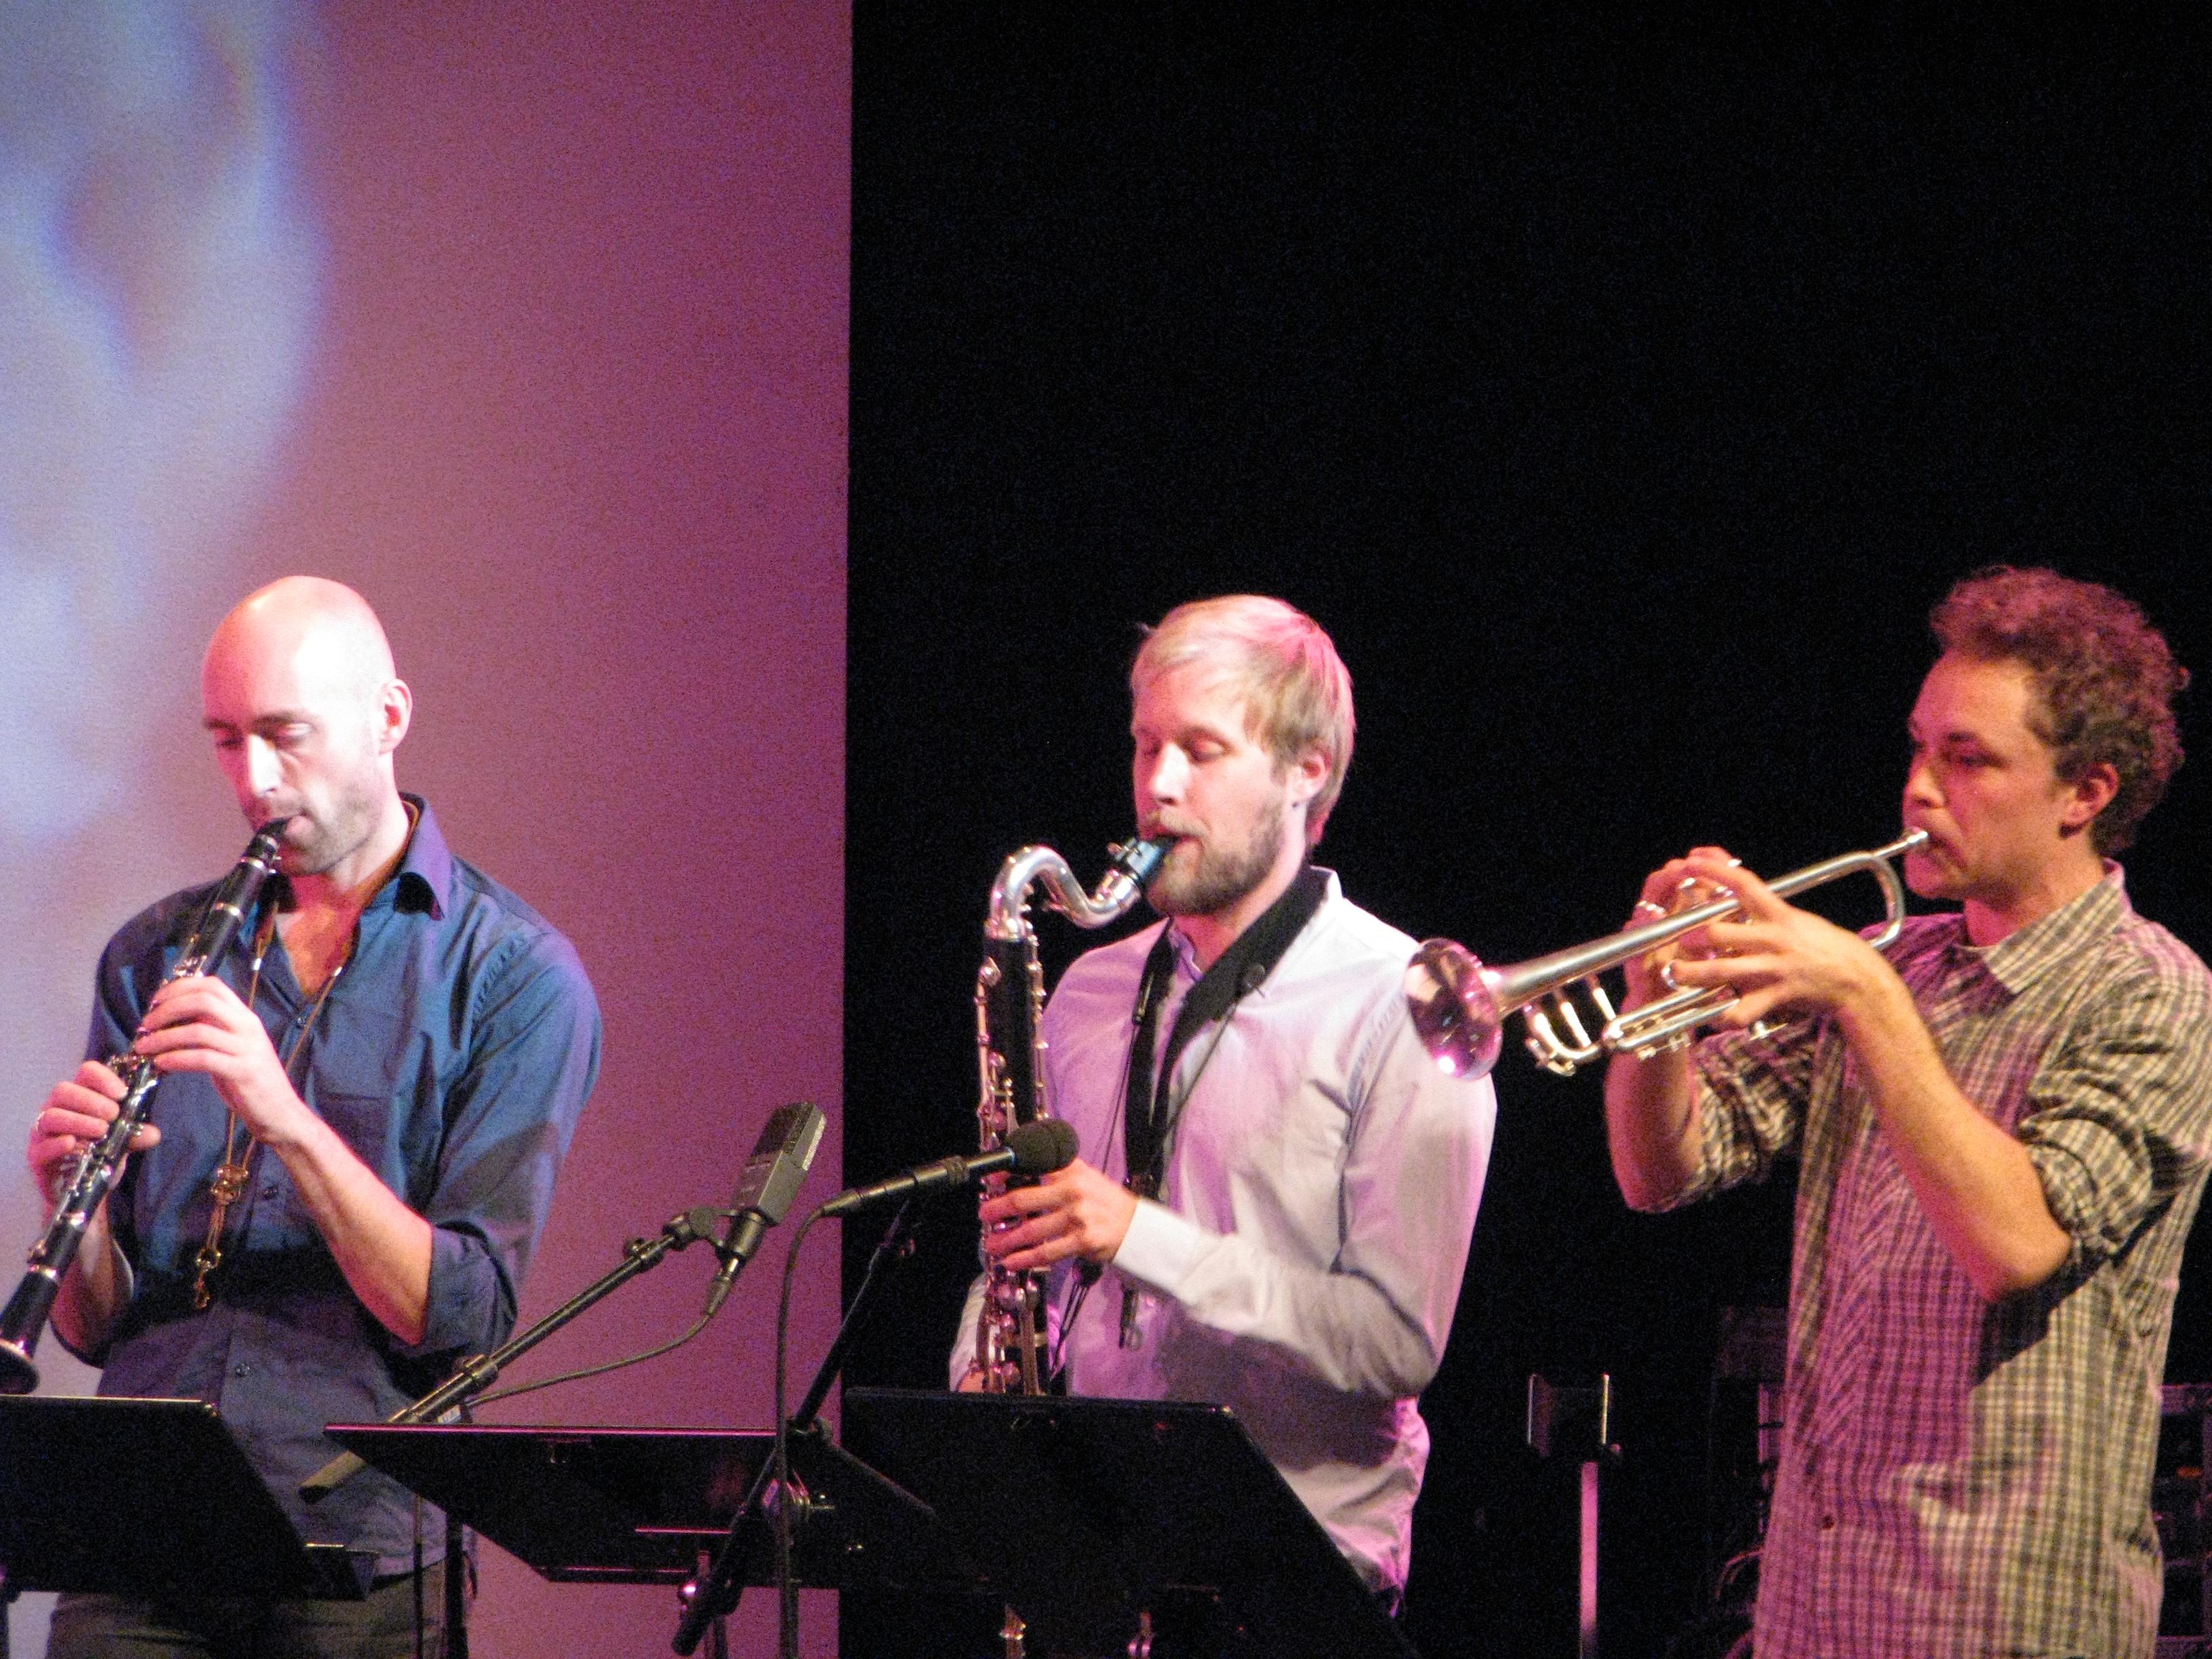 Trondheim jazz orchestra - umeå jf 2013